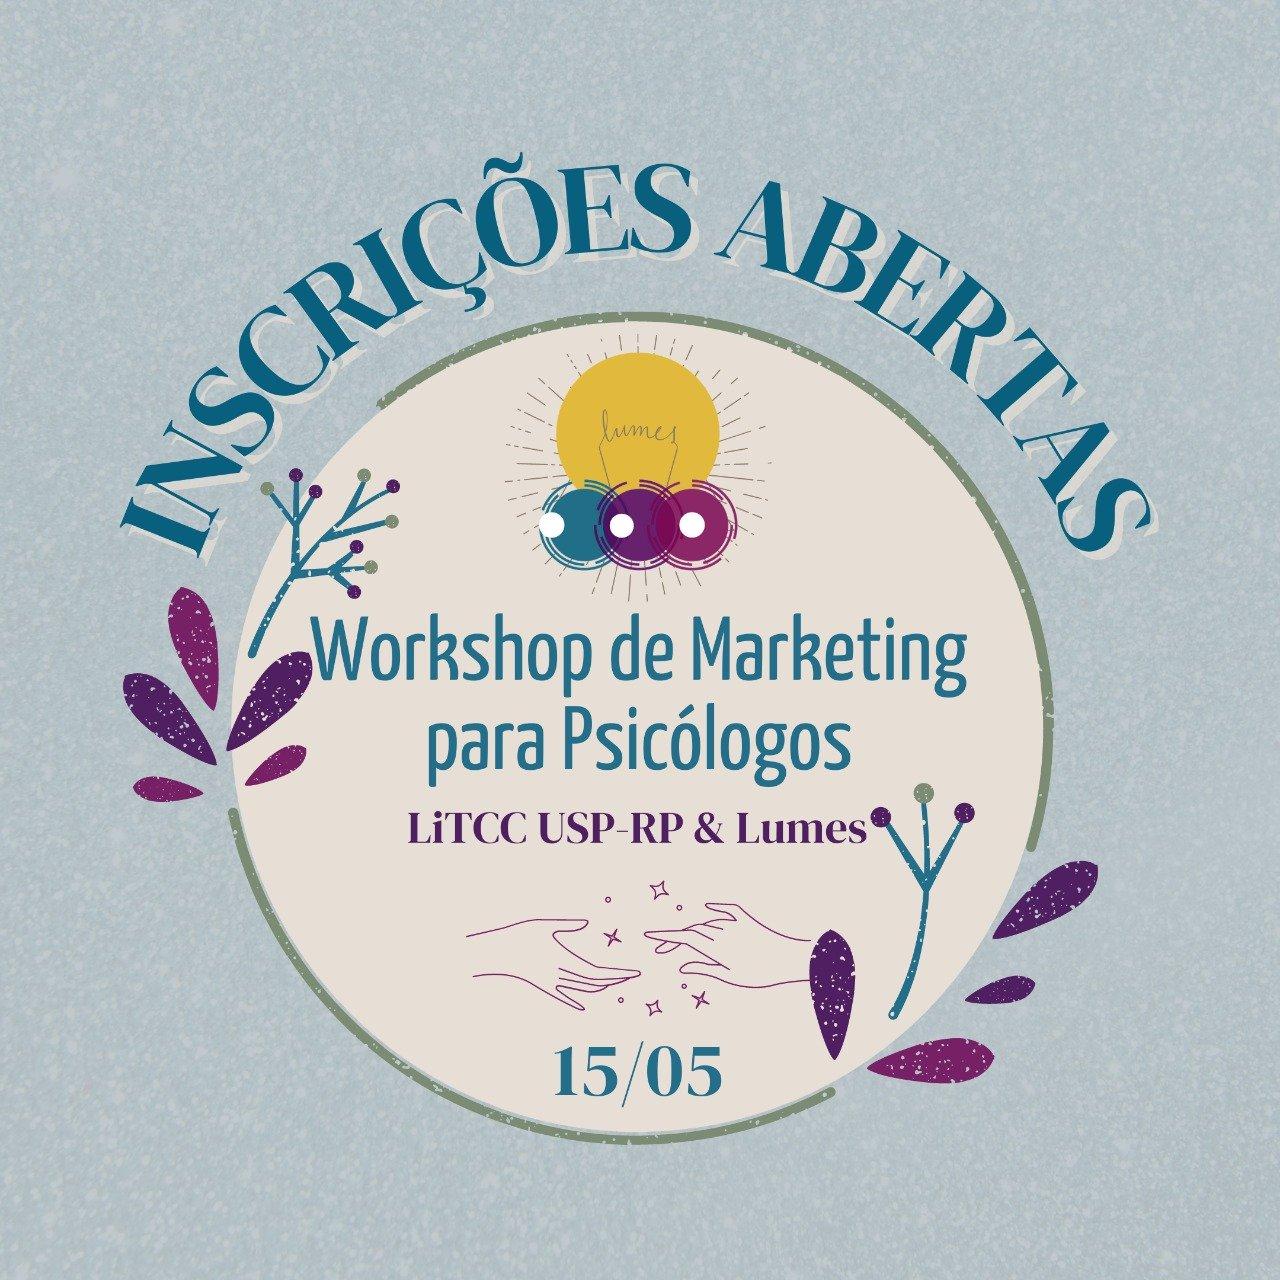 Workshop de Marketing para psicólogos